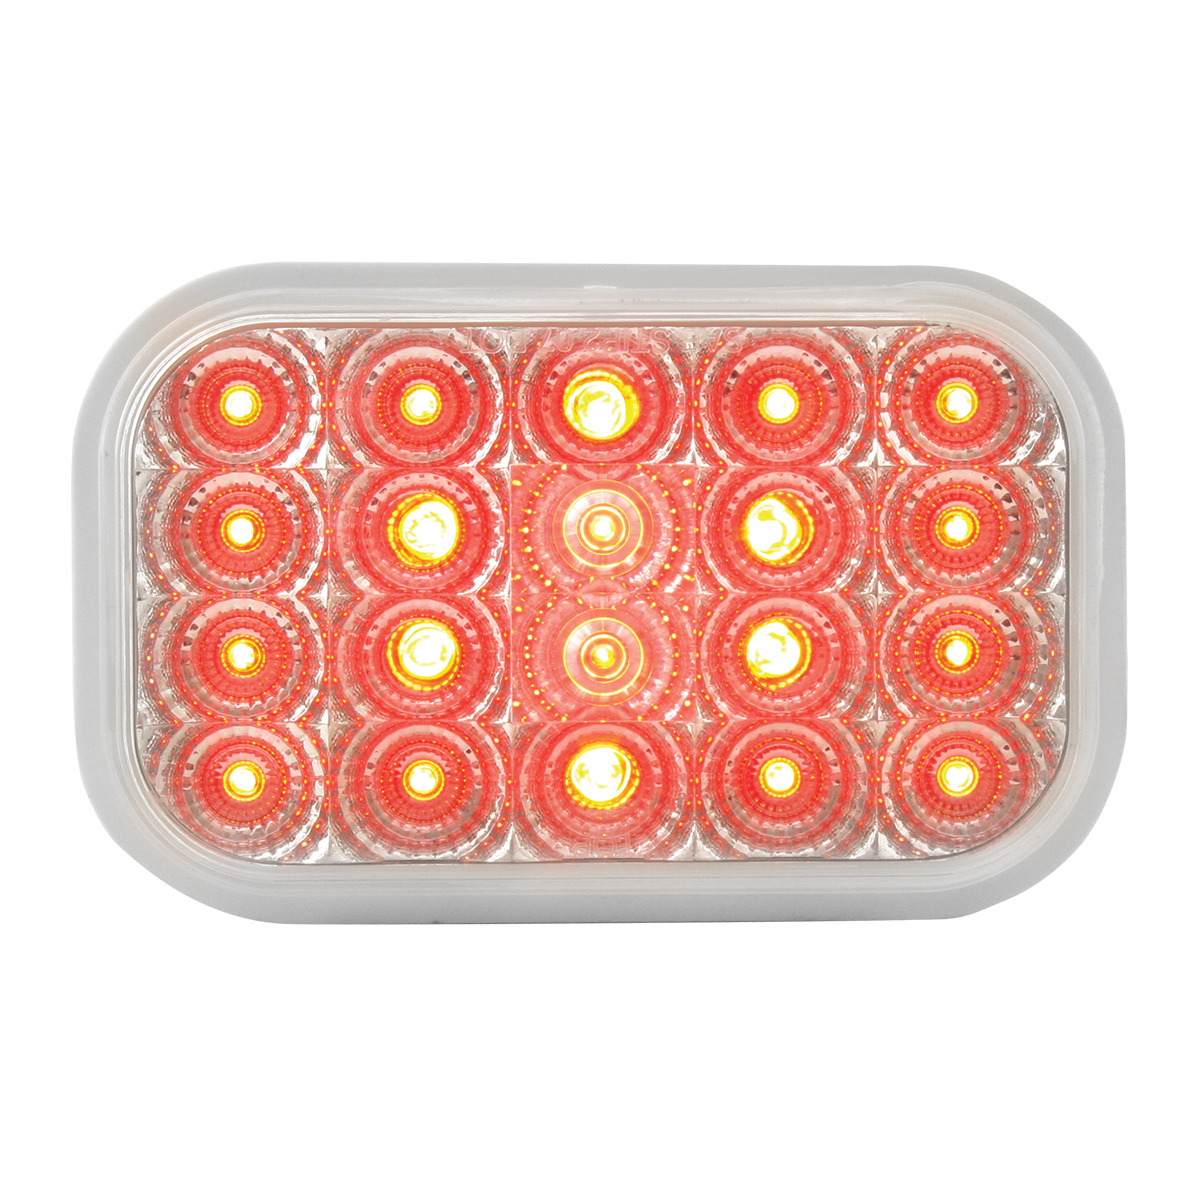 77014 Rectangular Spyder LED Light in Red/Clear